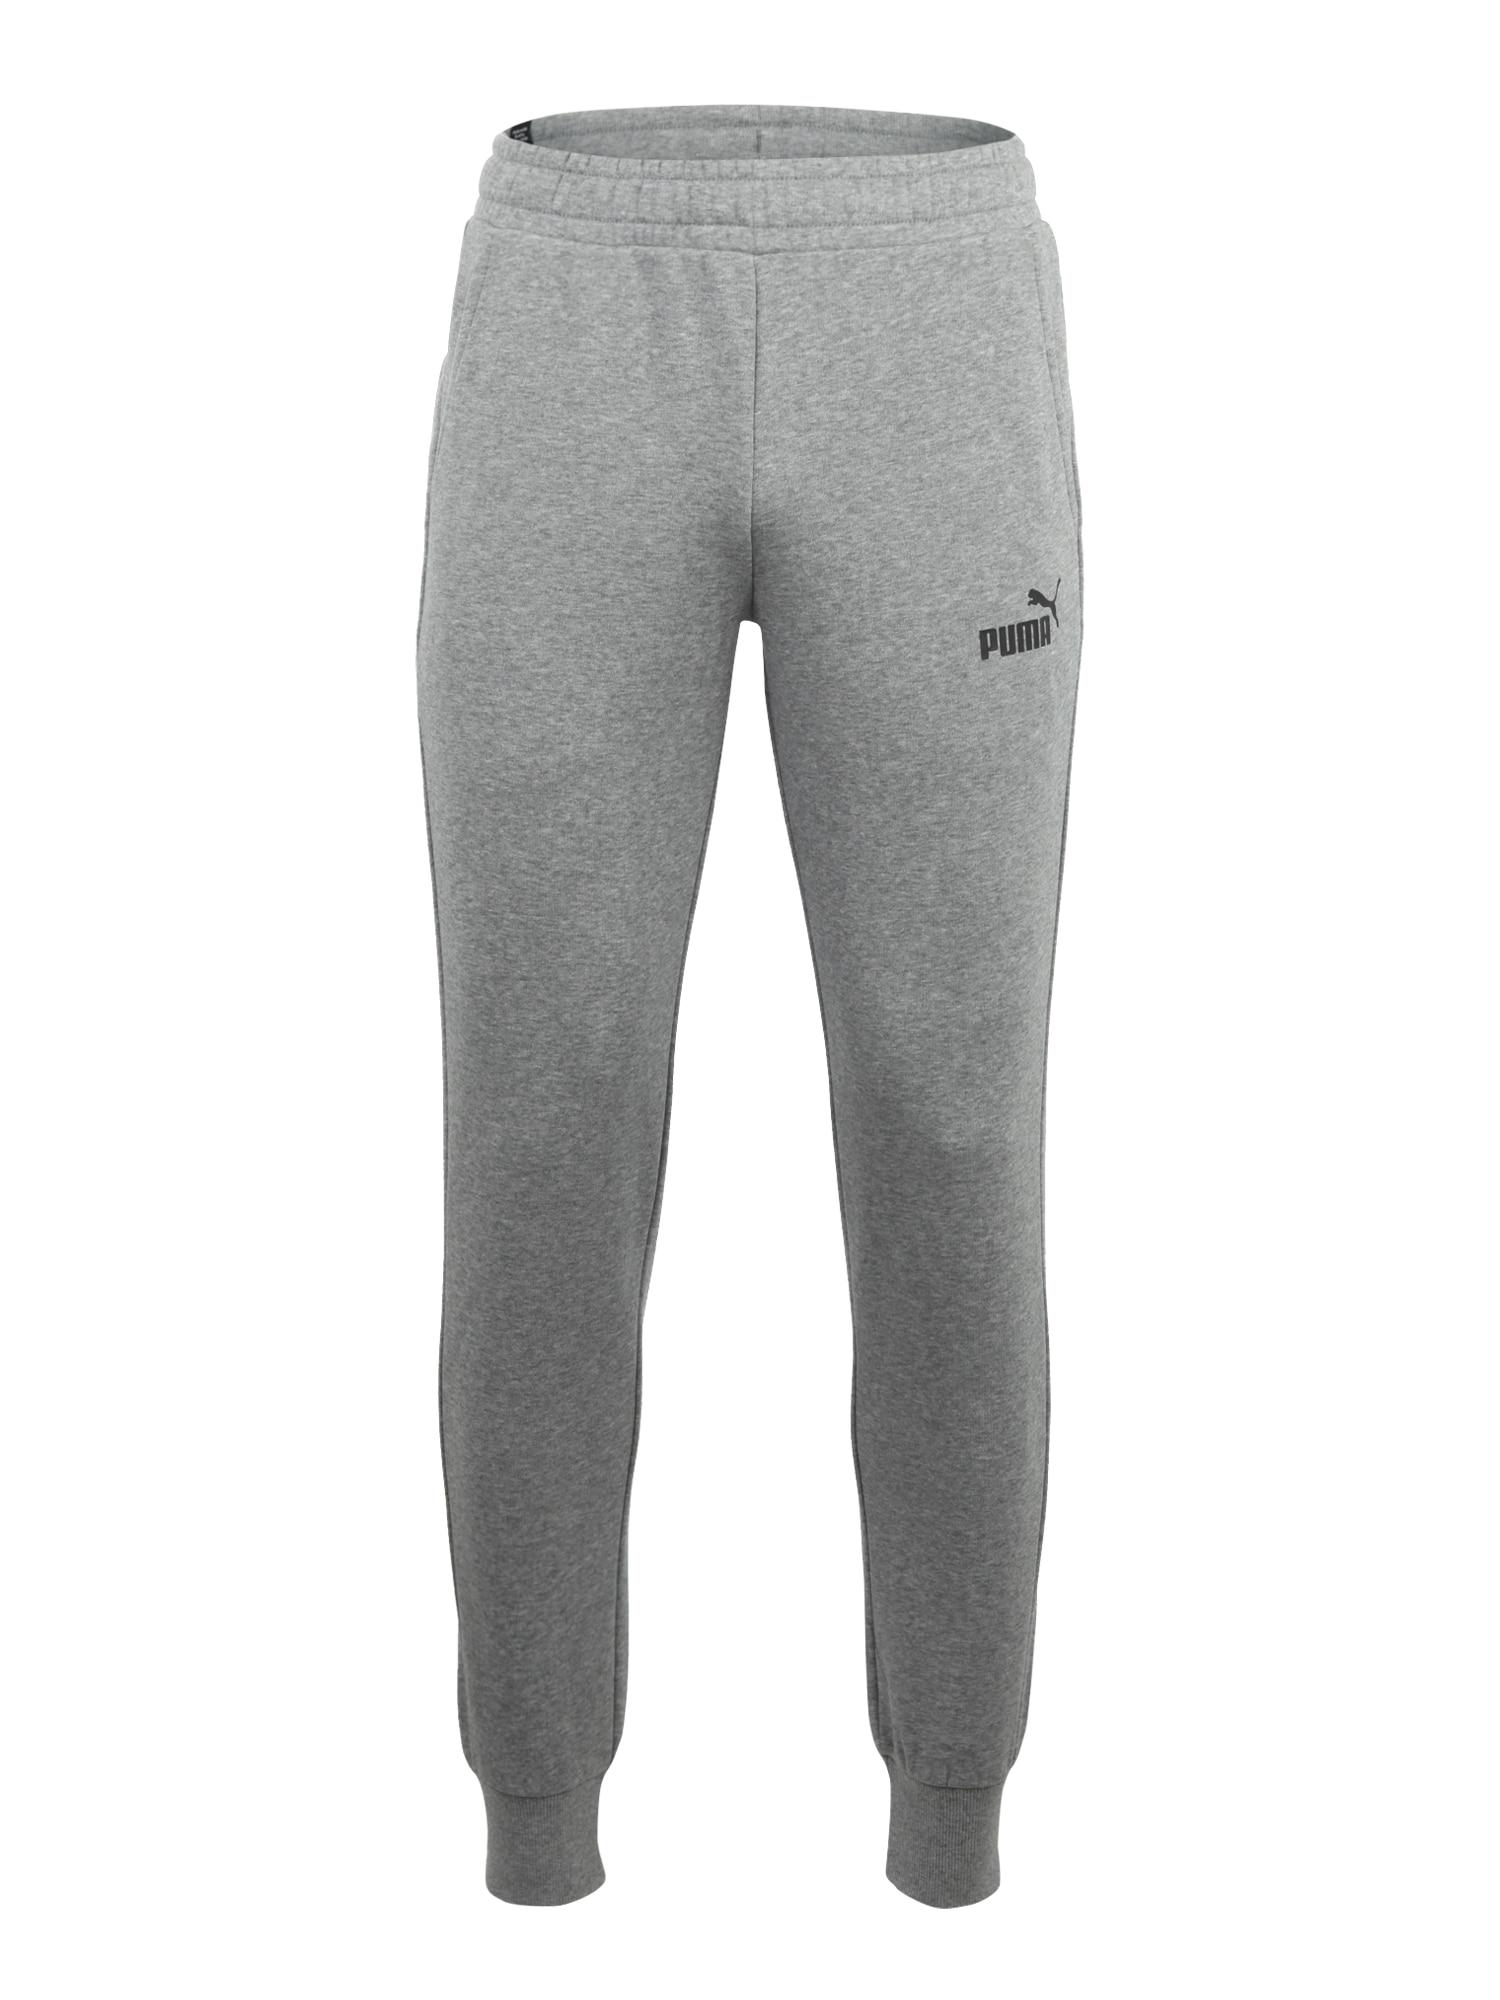 PUMA Sportinės kelnės juoda / pilka